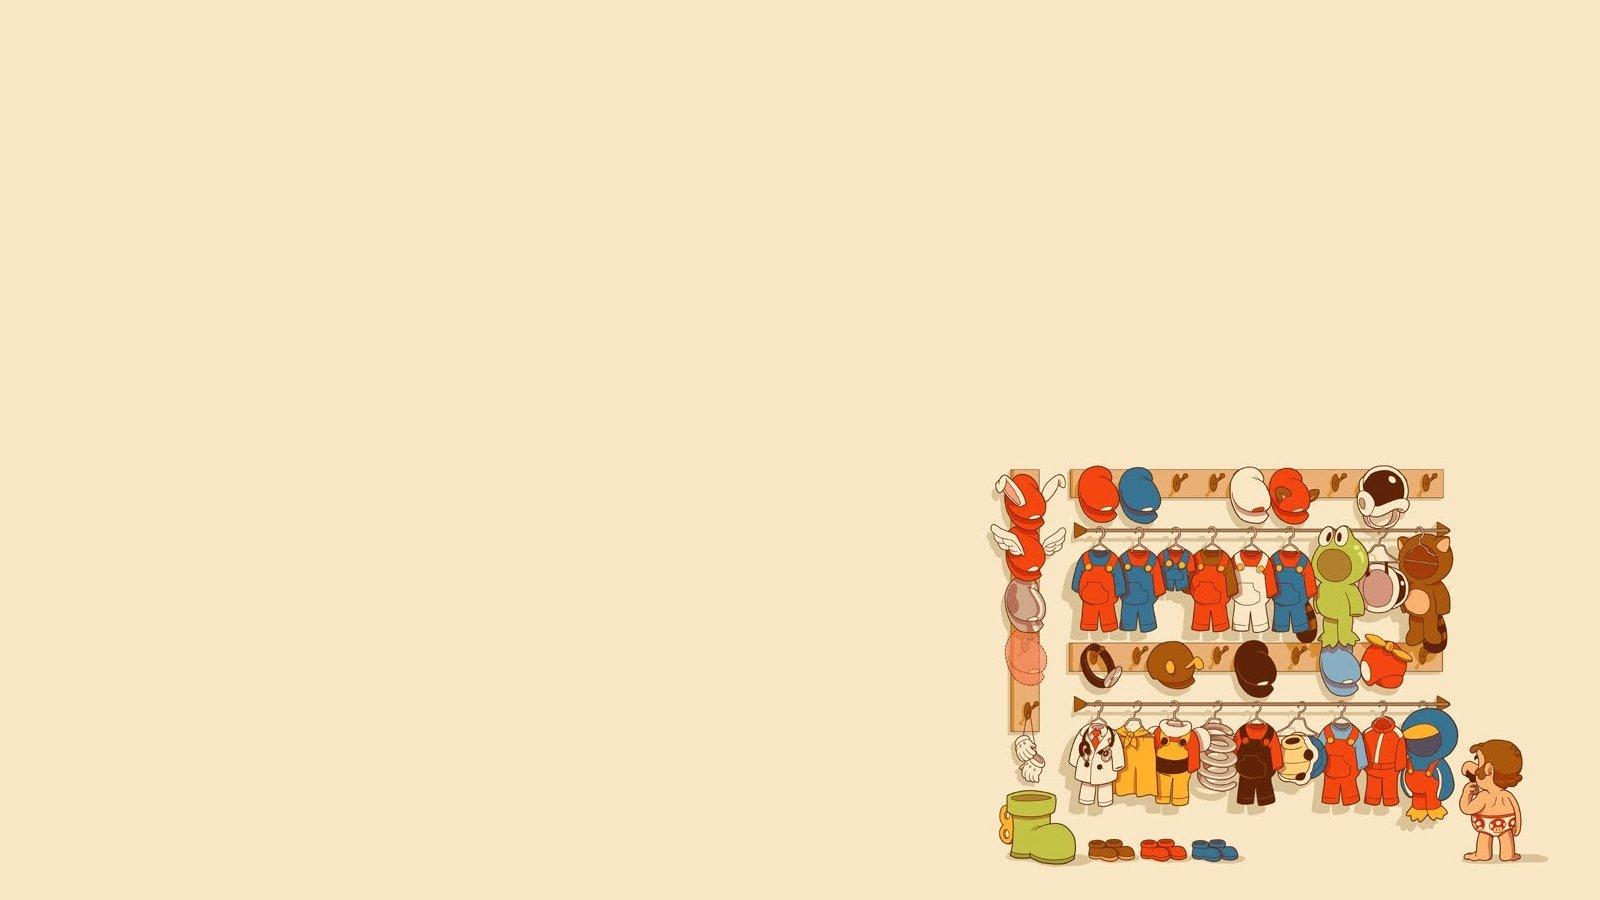 20+] HD Tumblr Desktop Wallpapers on WallpaperSafari